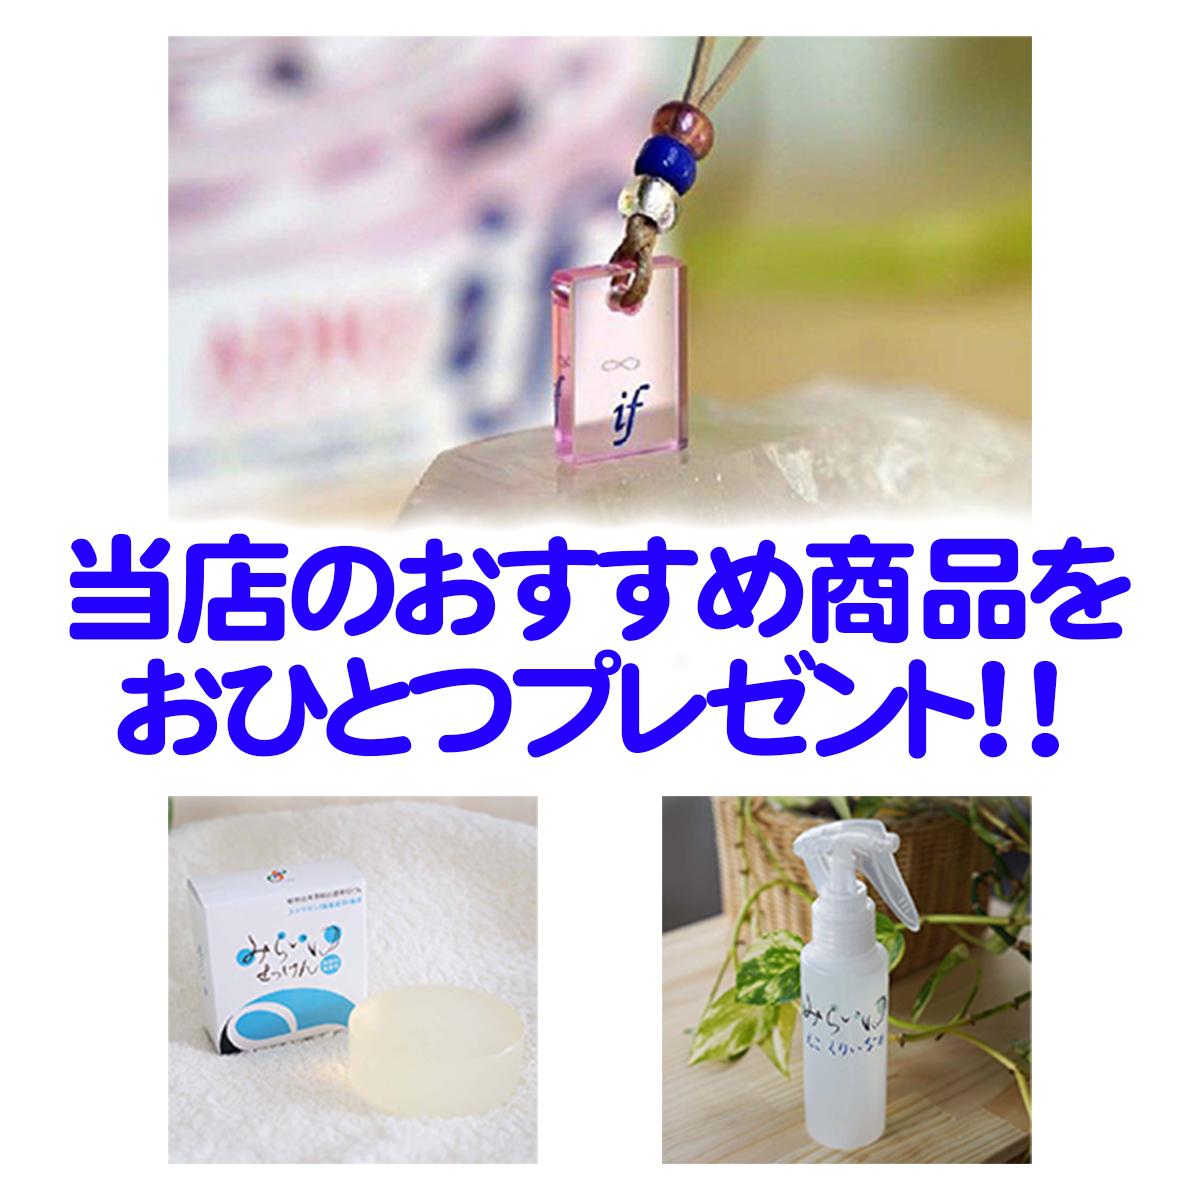 【限定企画】アディオイフ★プラスワン(お試し商品おひとつプレゼント!)